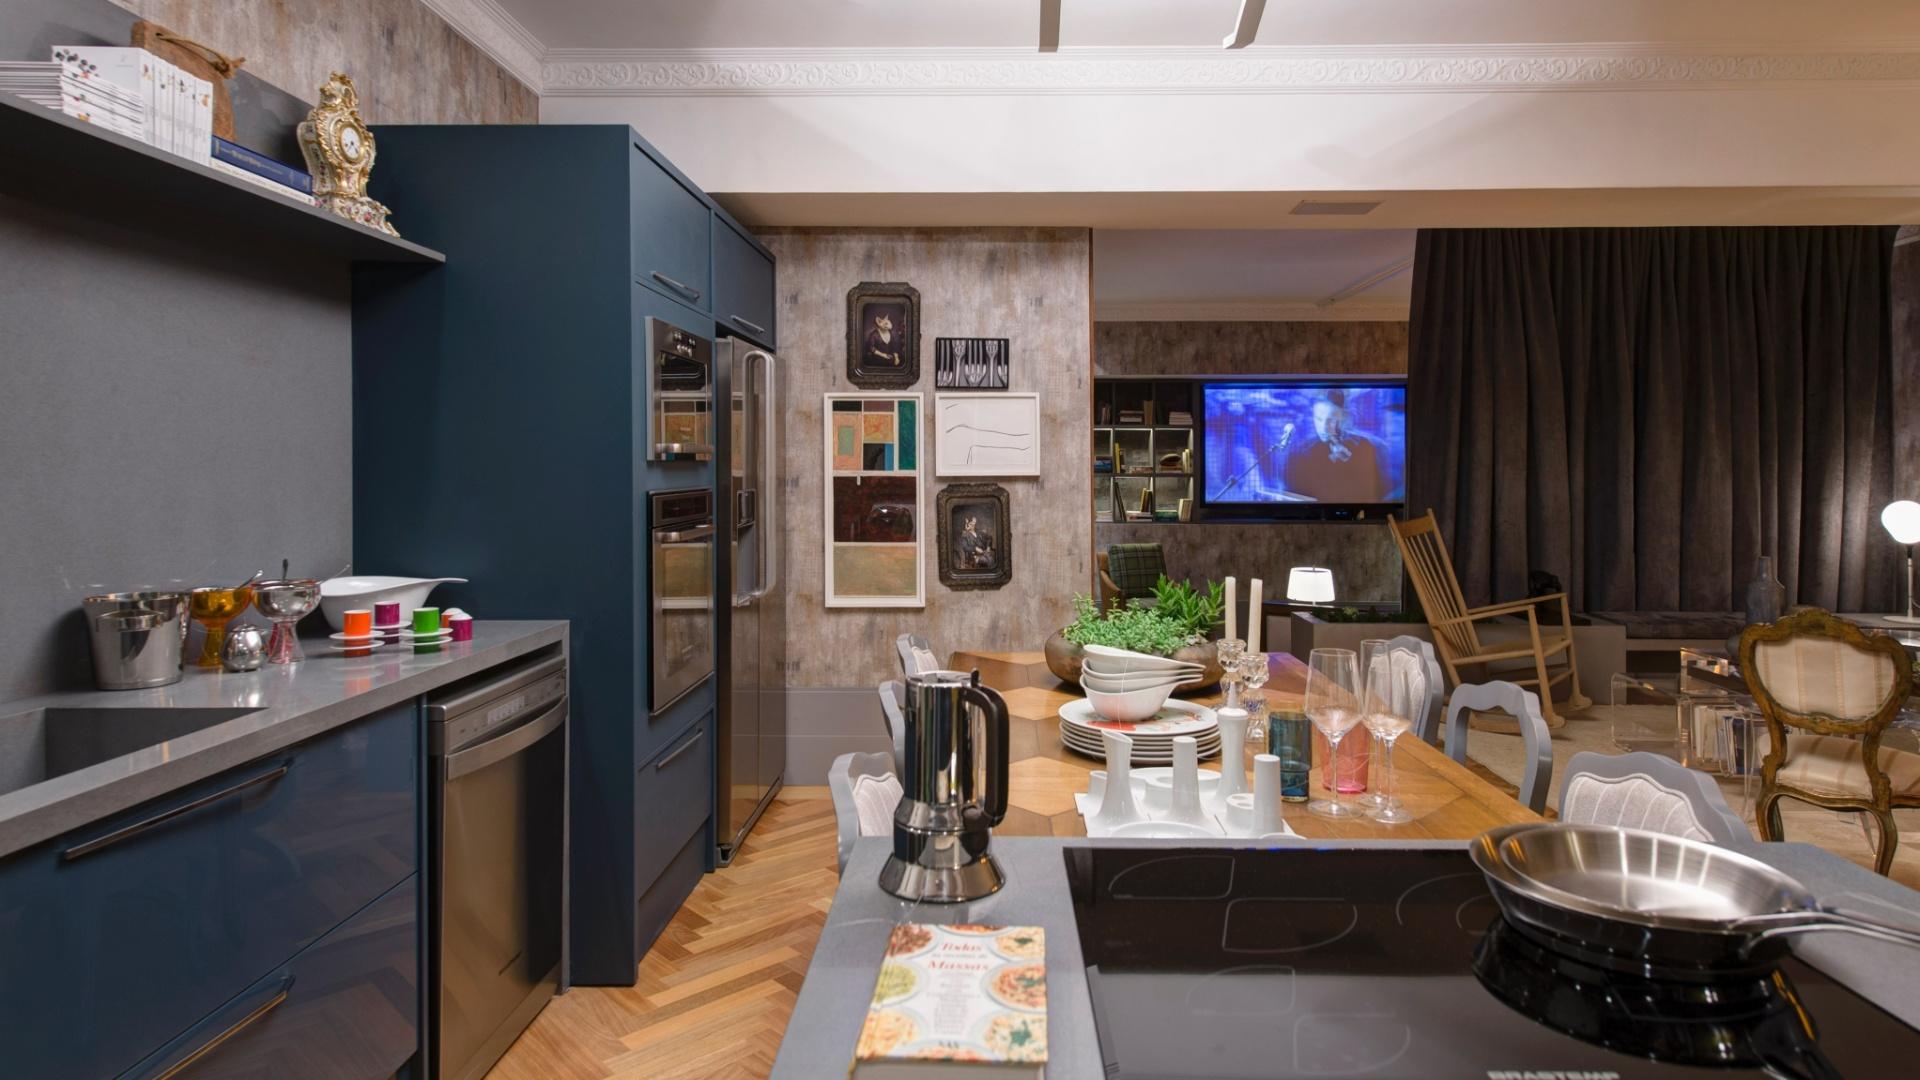 de interiores a bancada do cooktop fica junto a mesa de jantar a 27 #91613A 1920x1080